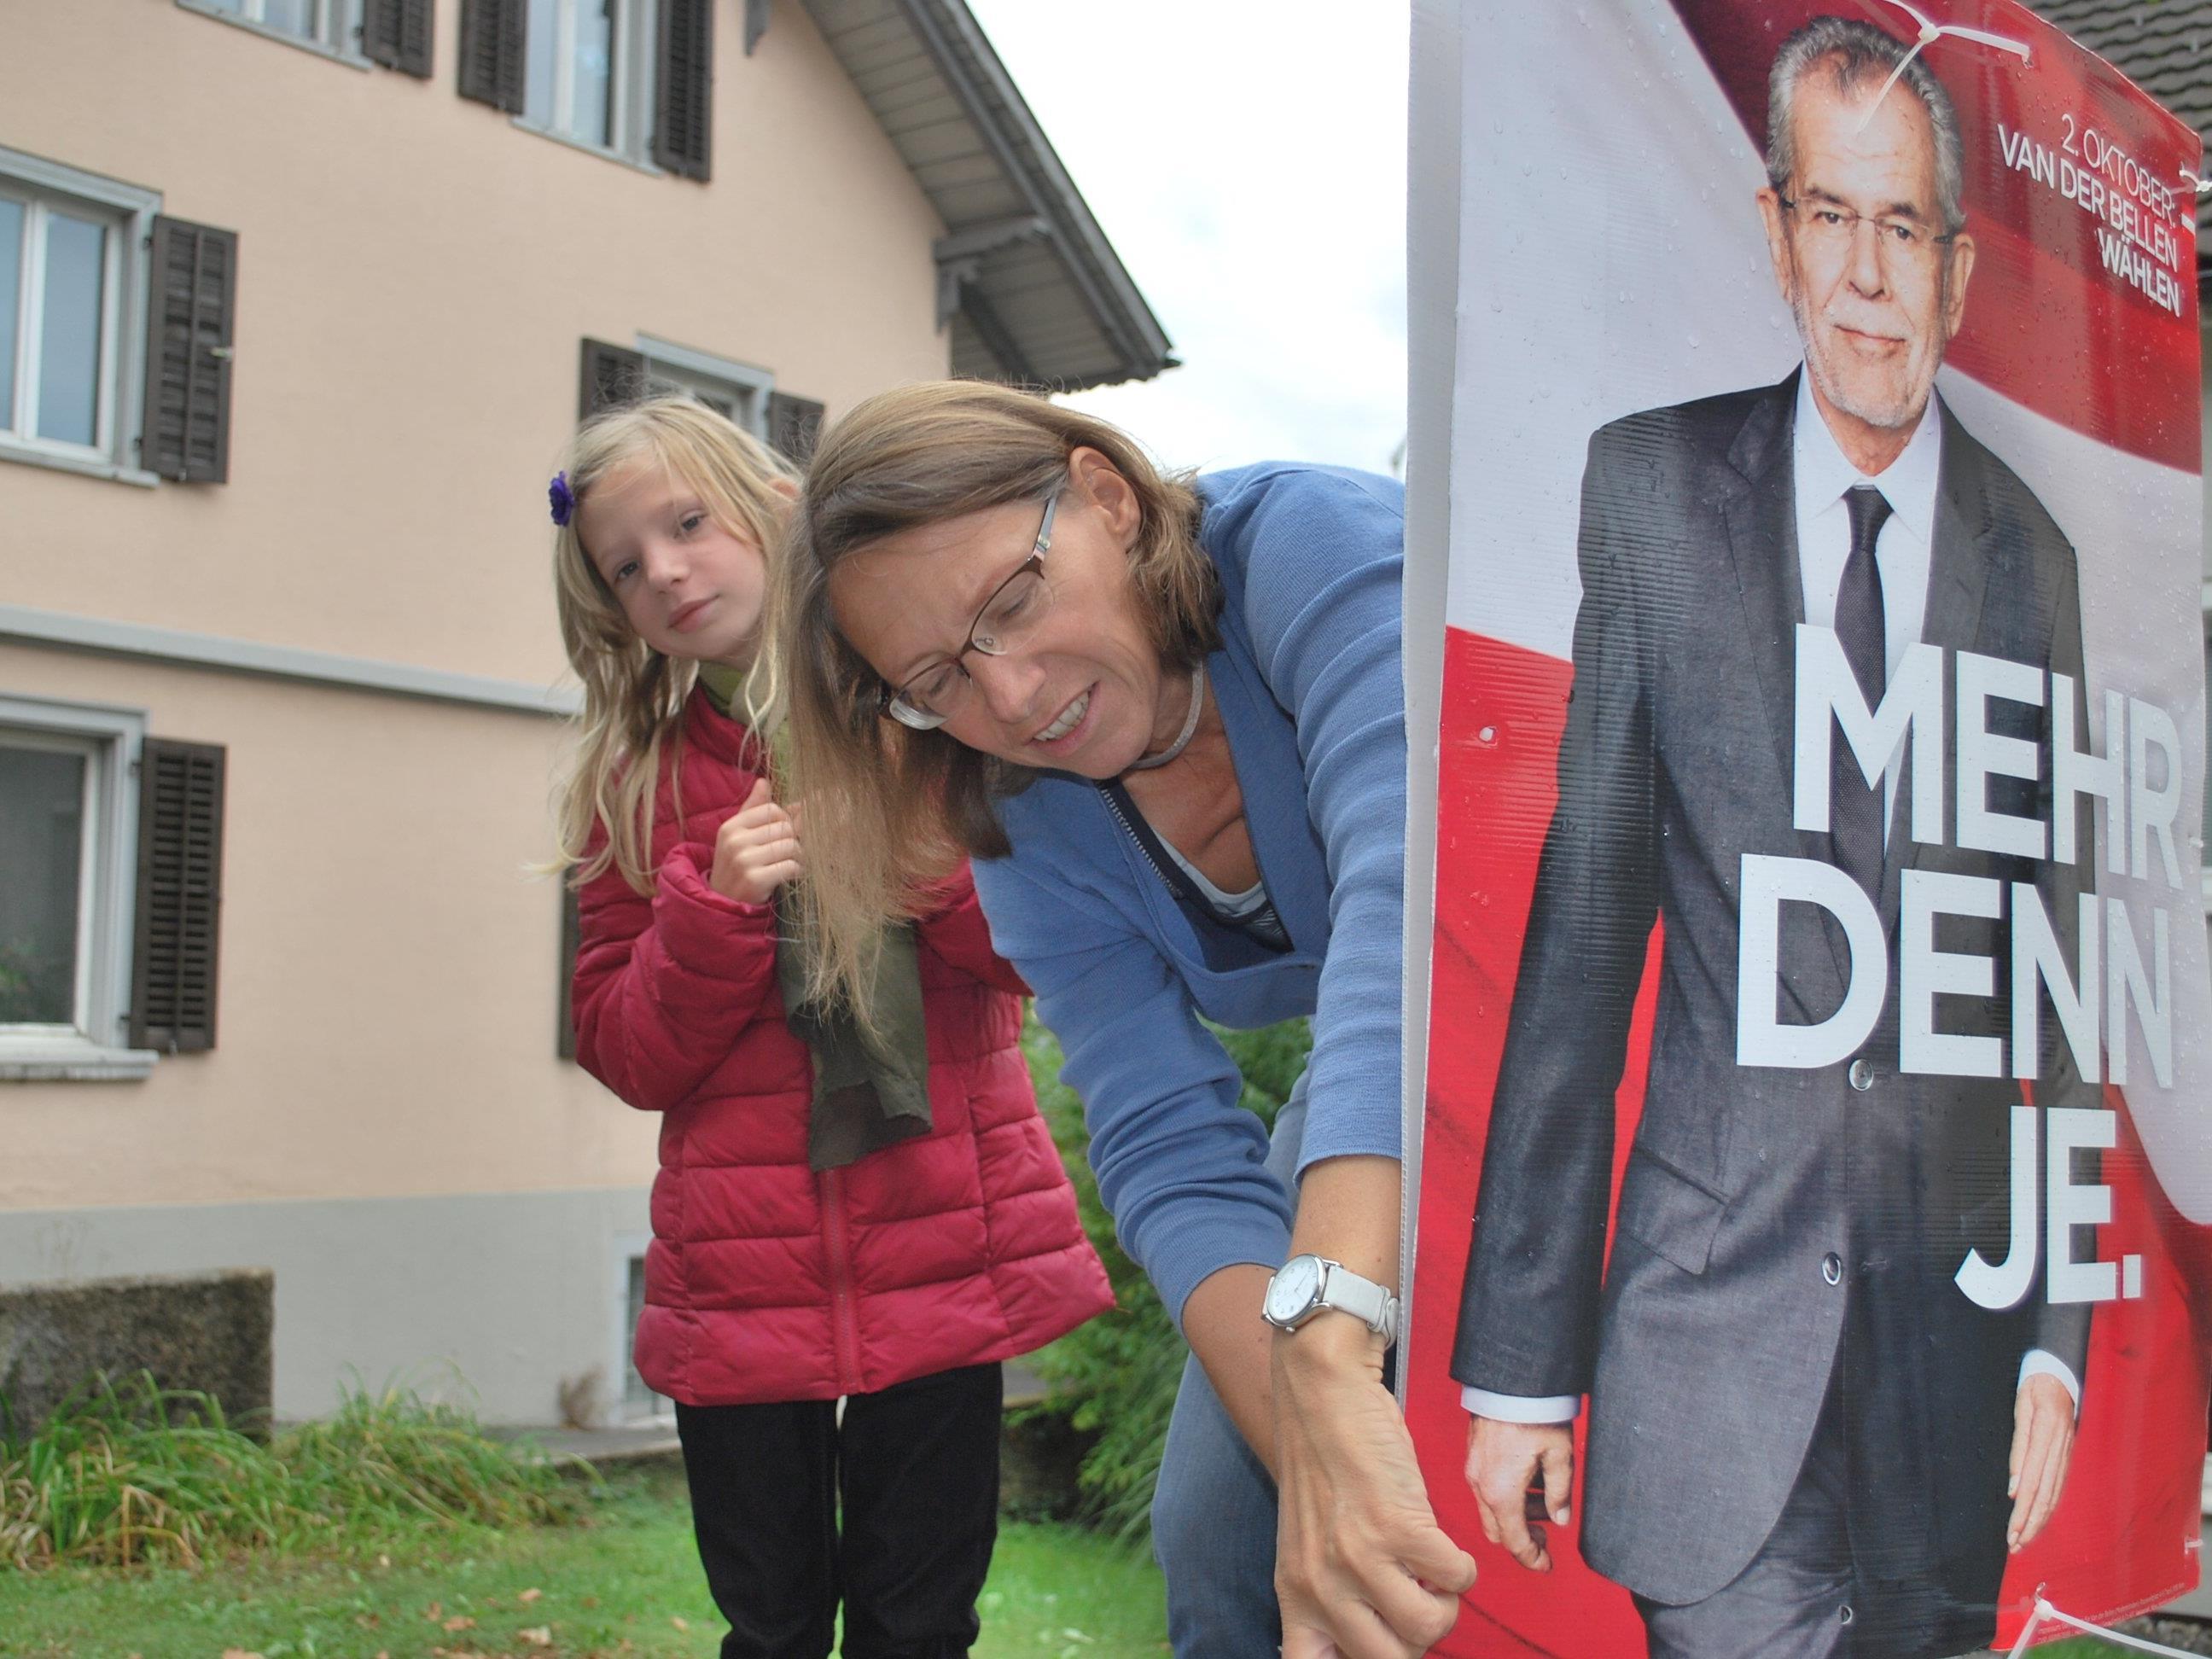 Stadträtin Juliane Alton in Begleitung ihrer Tochter Karolin bei der Abnahme von Van der Bellen Wahlplakten